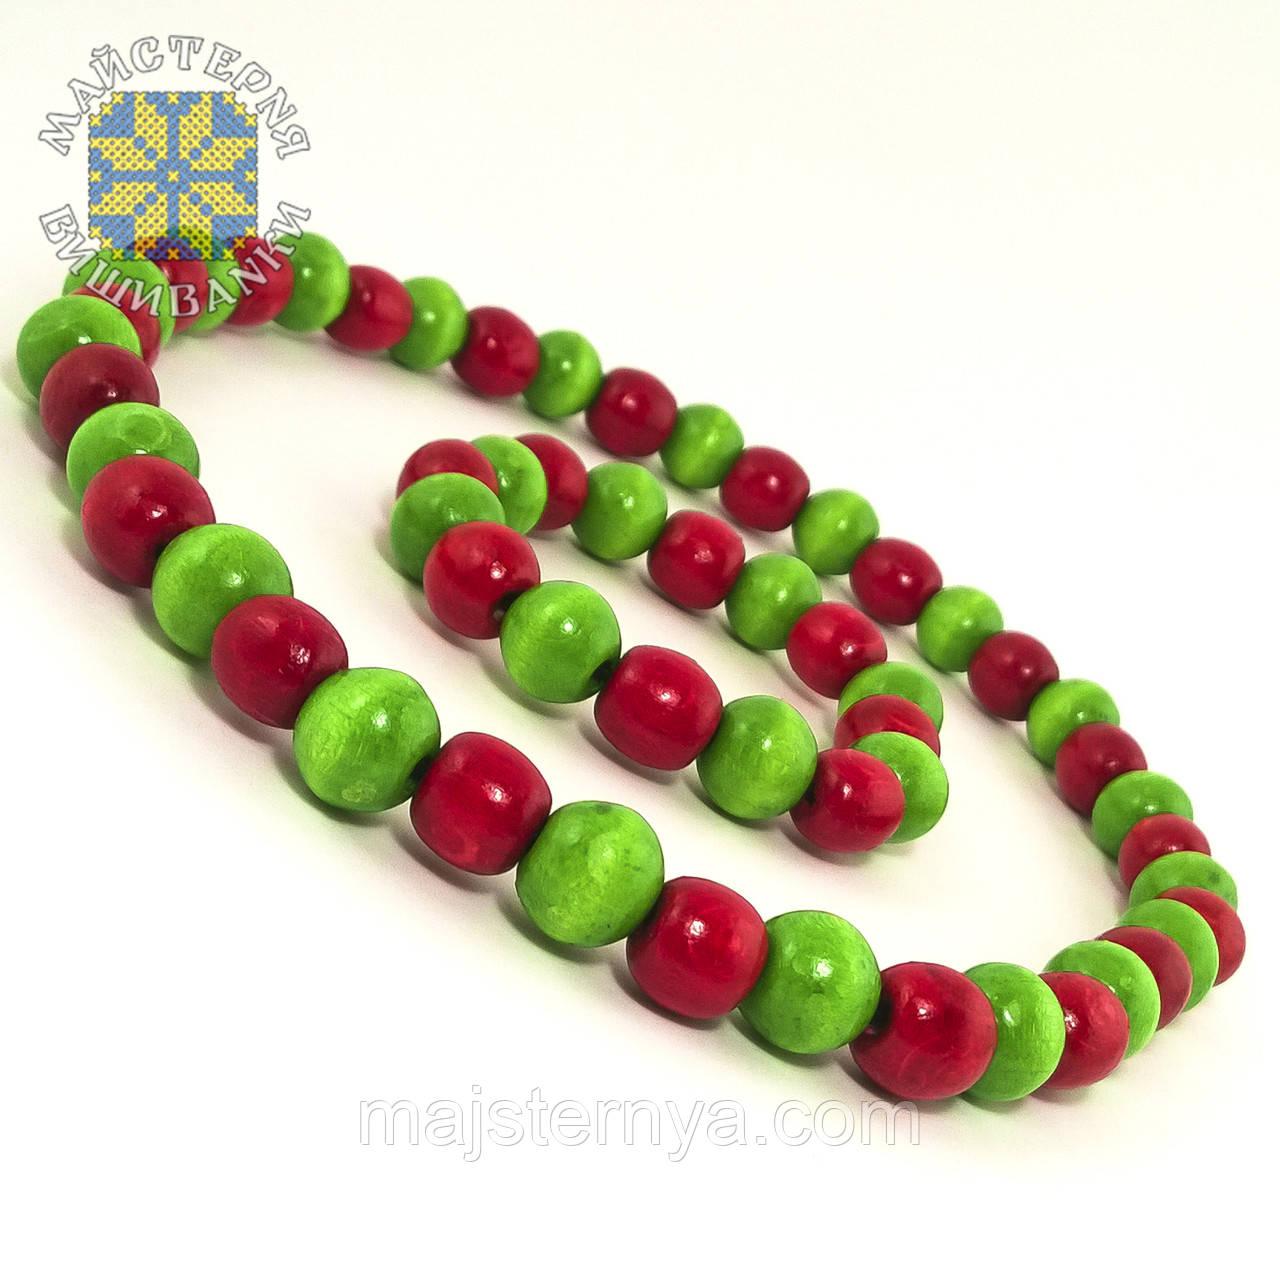 Буси з браслетом із дерев'яних бусин, два кольори Салатовий; Червоний